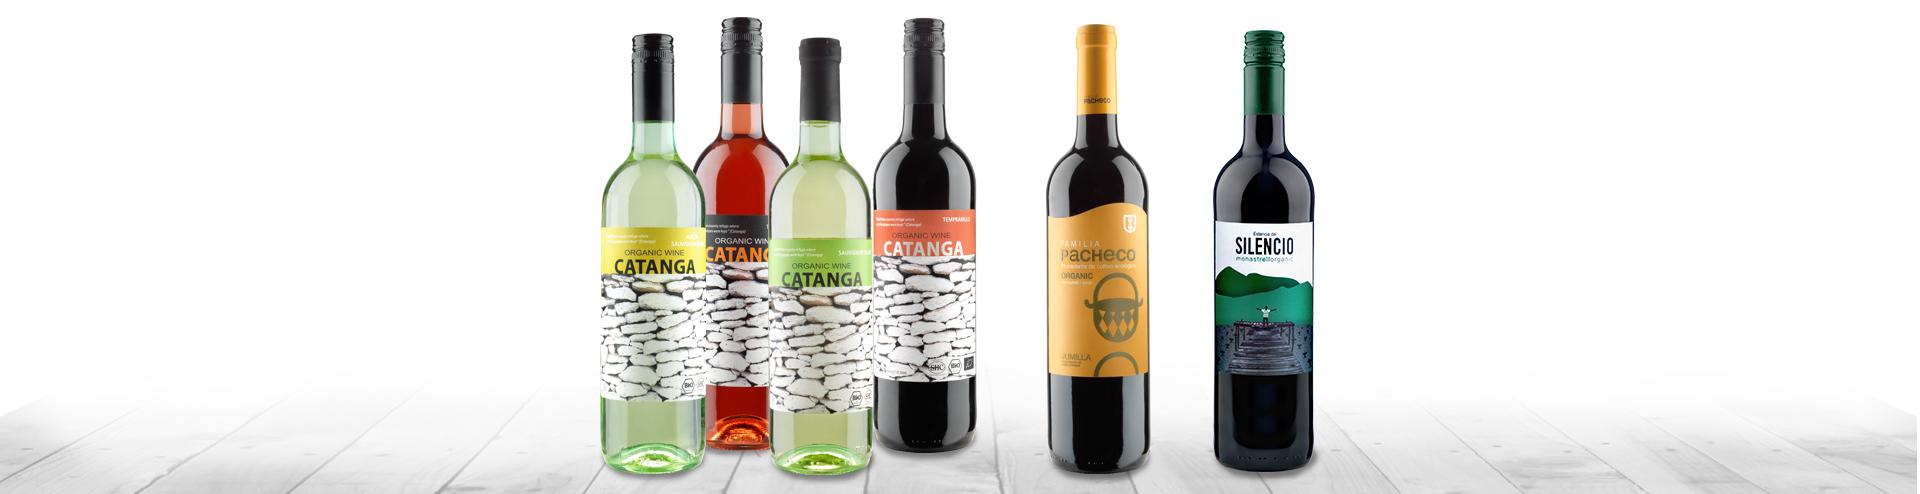 longwines-organic-spanish-wines